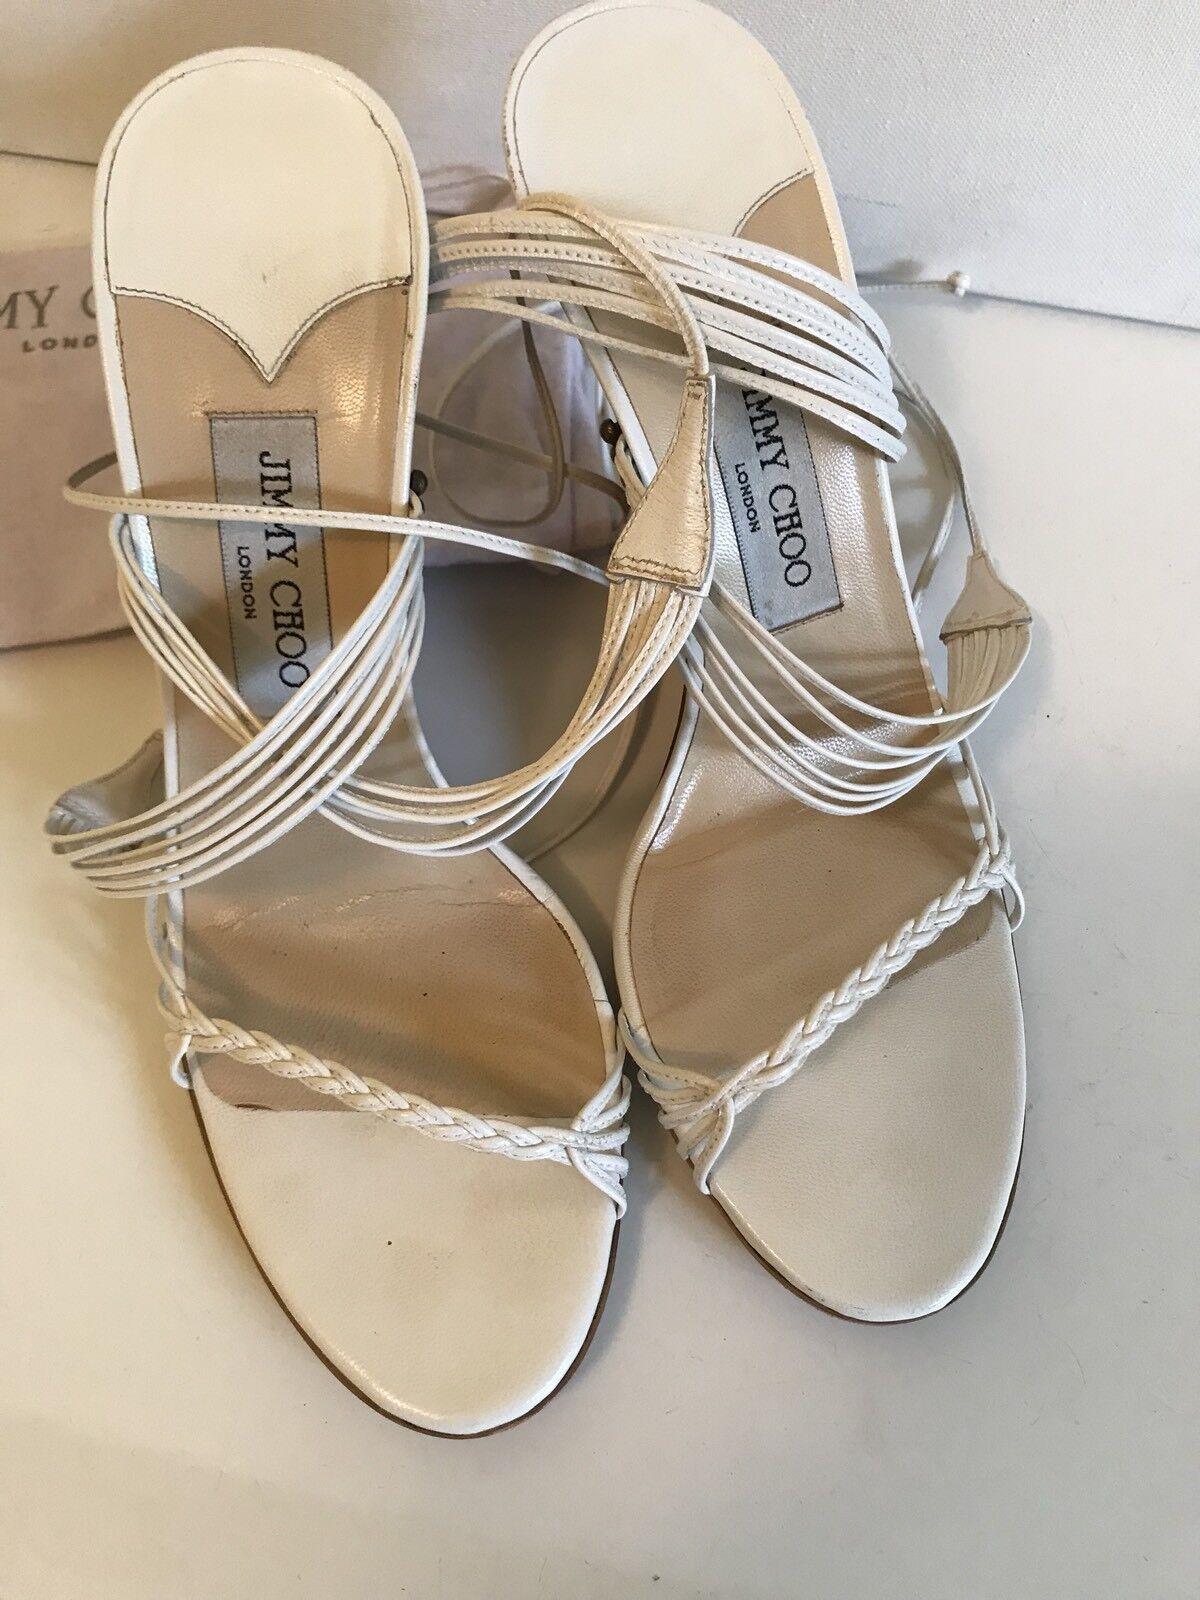 Jimmy Choo Weiß Ankle Strap Wedge Heels Größe 8 1 2